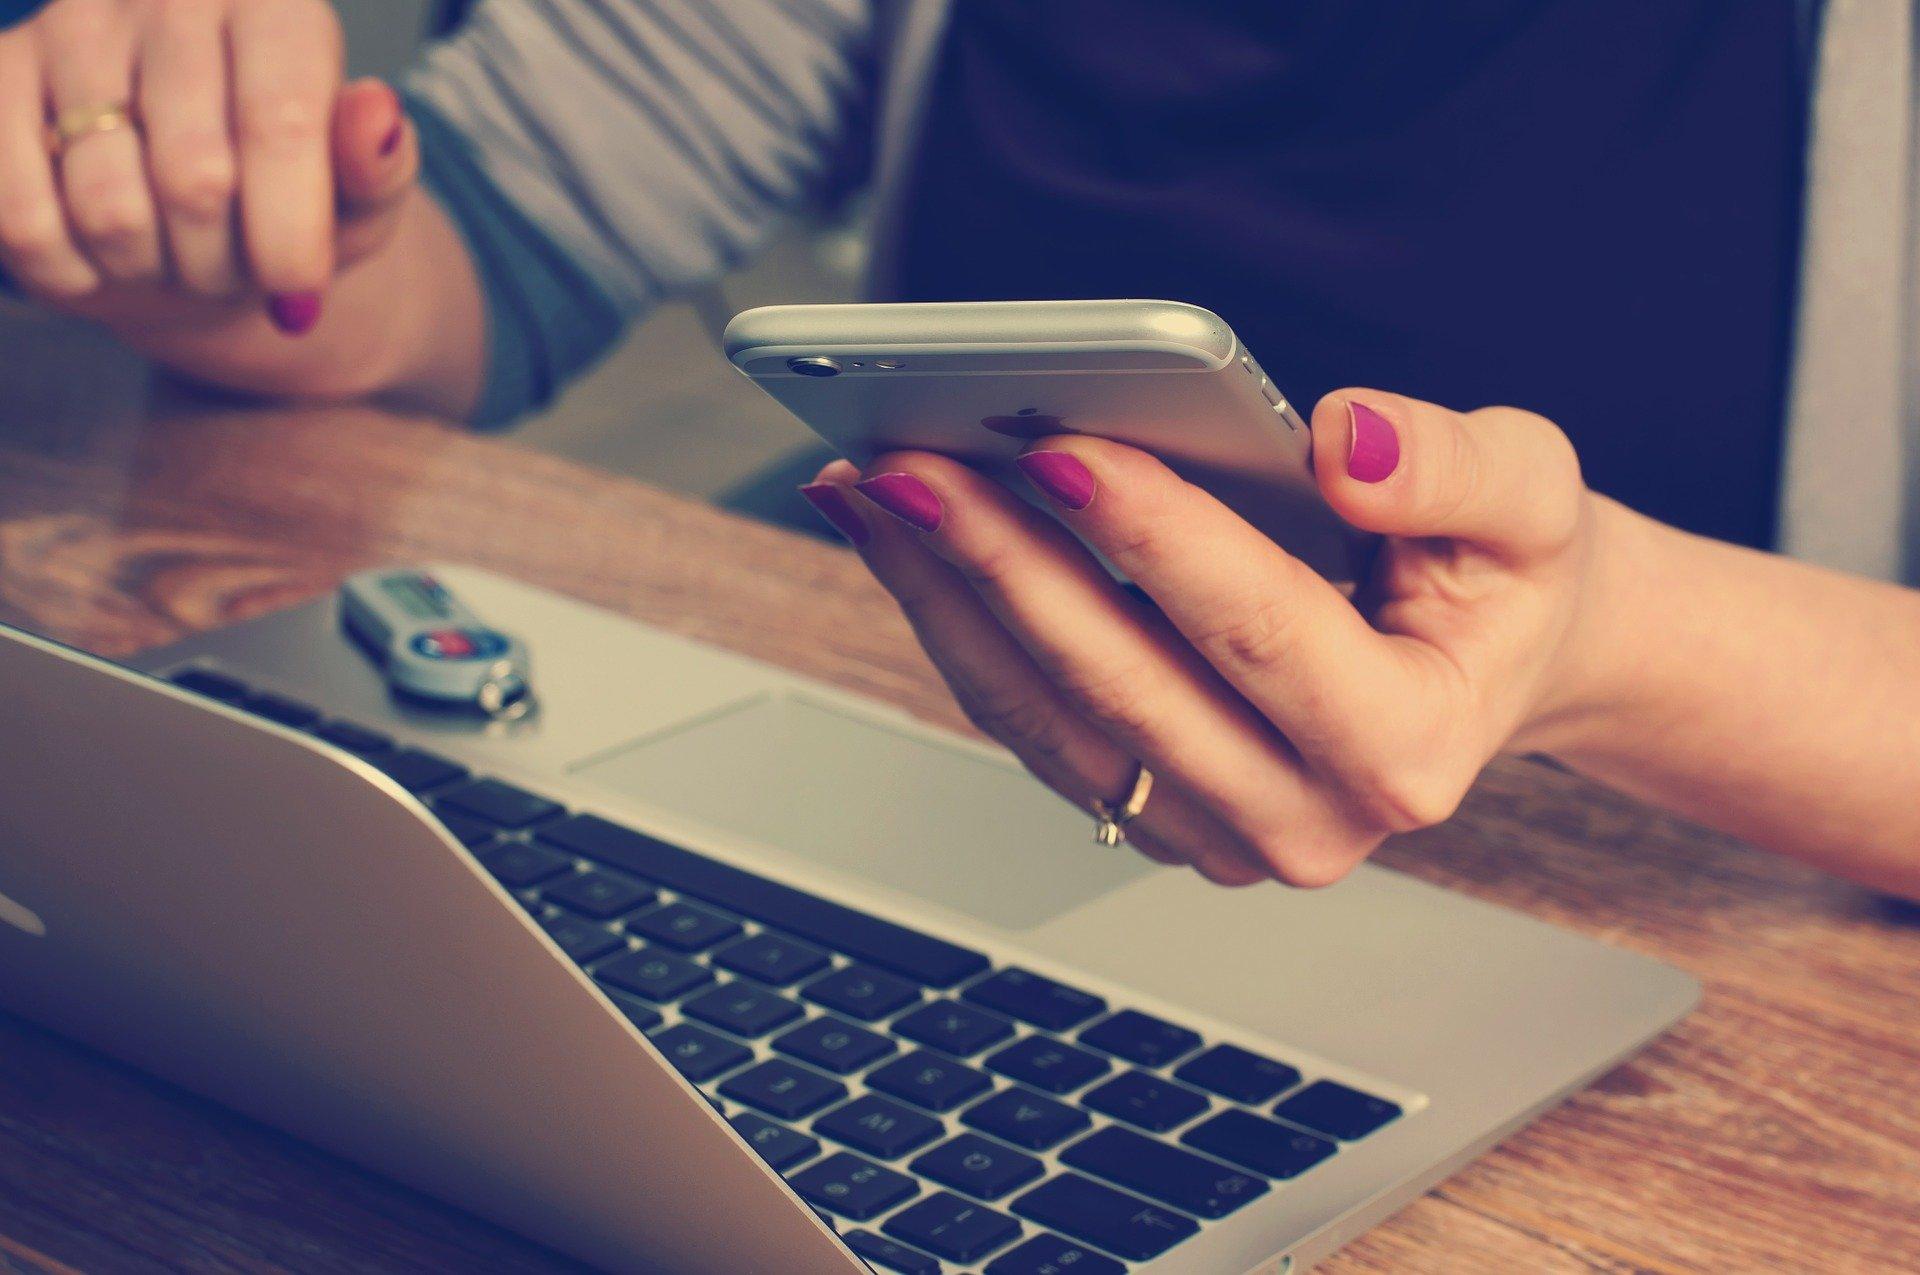 Laptop z wynajmu laptopów biznesowych jest używany przez kobietę, która w ręku trzyma telefon.